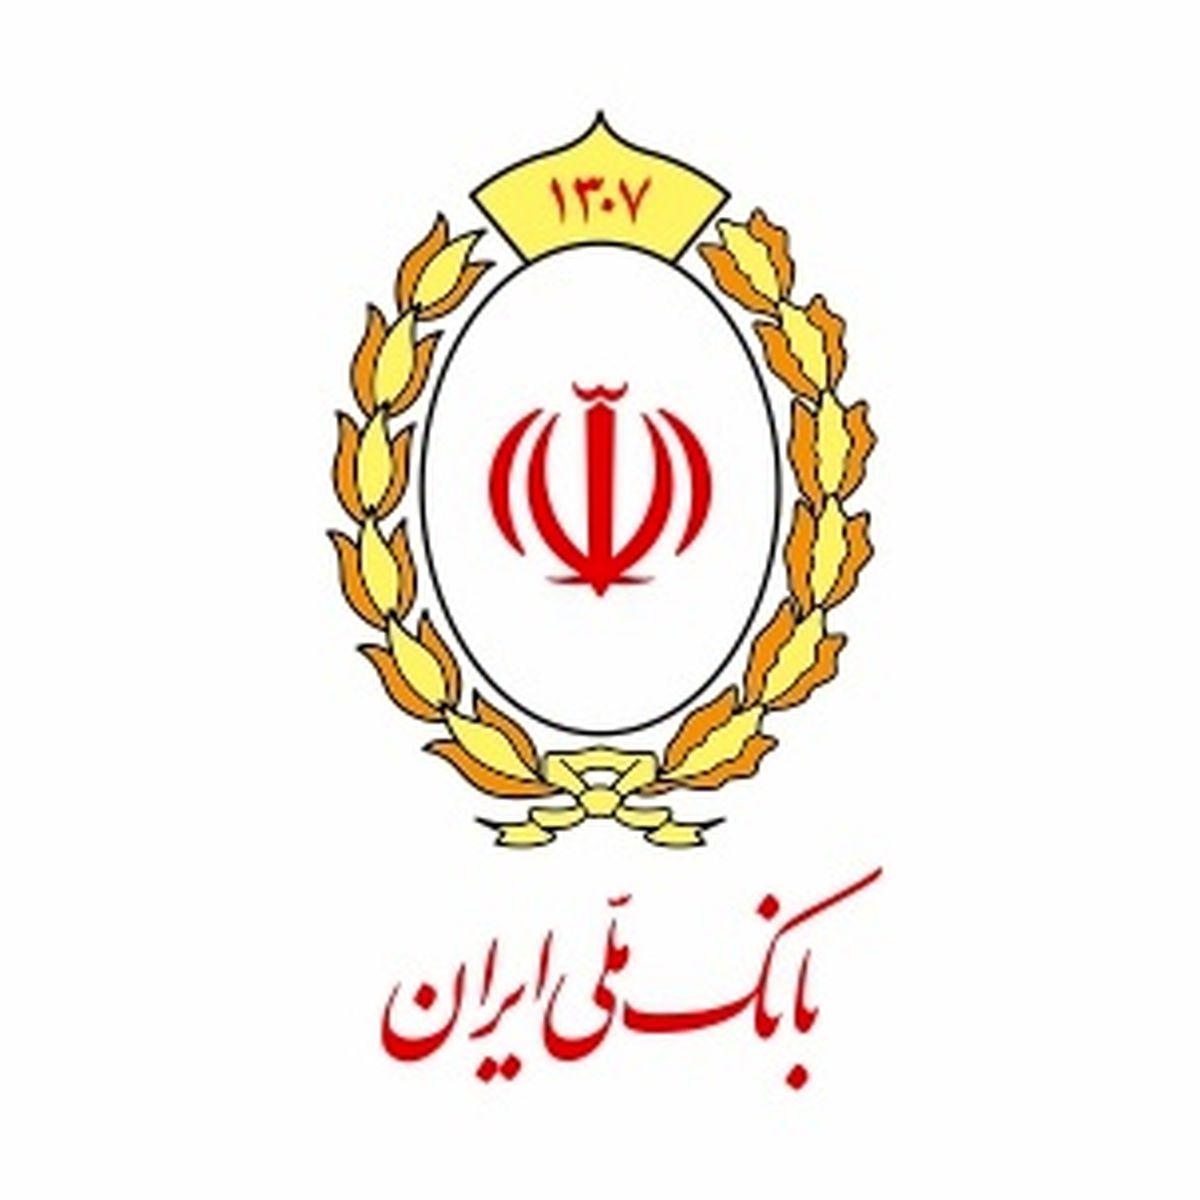 عبور تسهیلات کرونایی پرداختی بانک ملی ایران از مرز 126.5 هزار میلیارد ریال